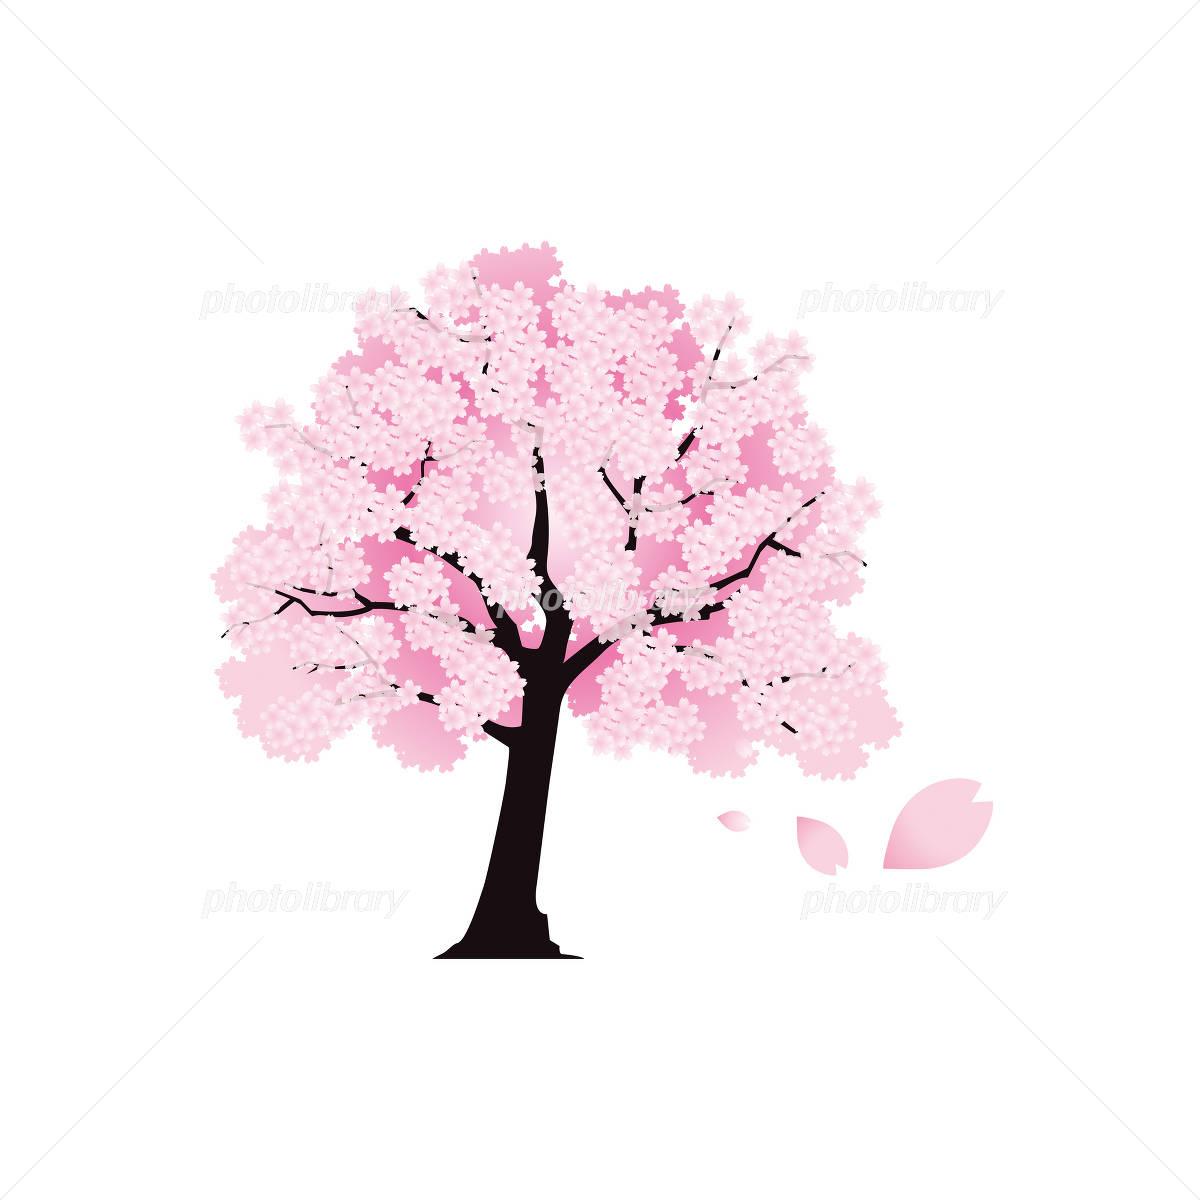 桜の木の絵 イラスト素材 953935 フォトライブラリー Photolibrary